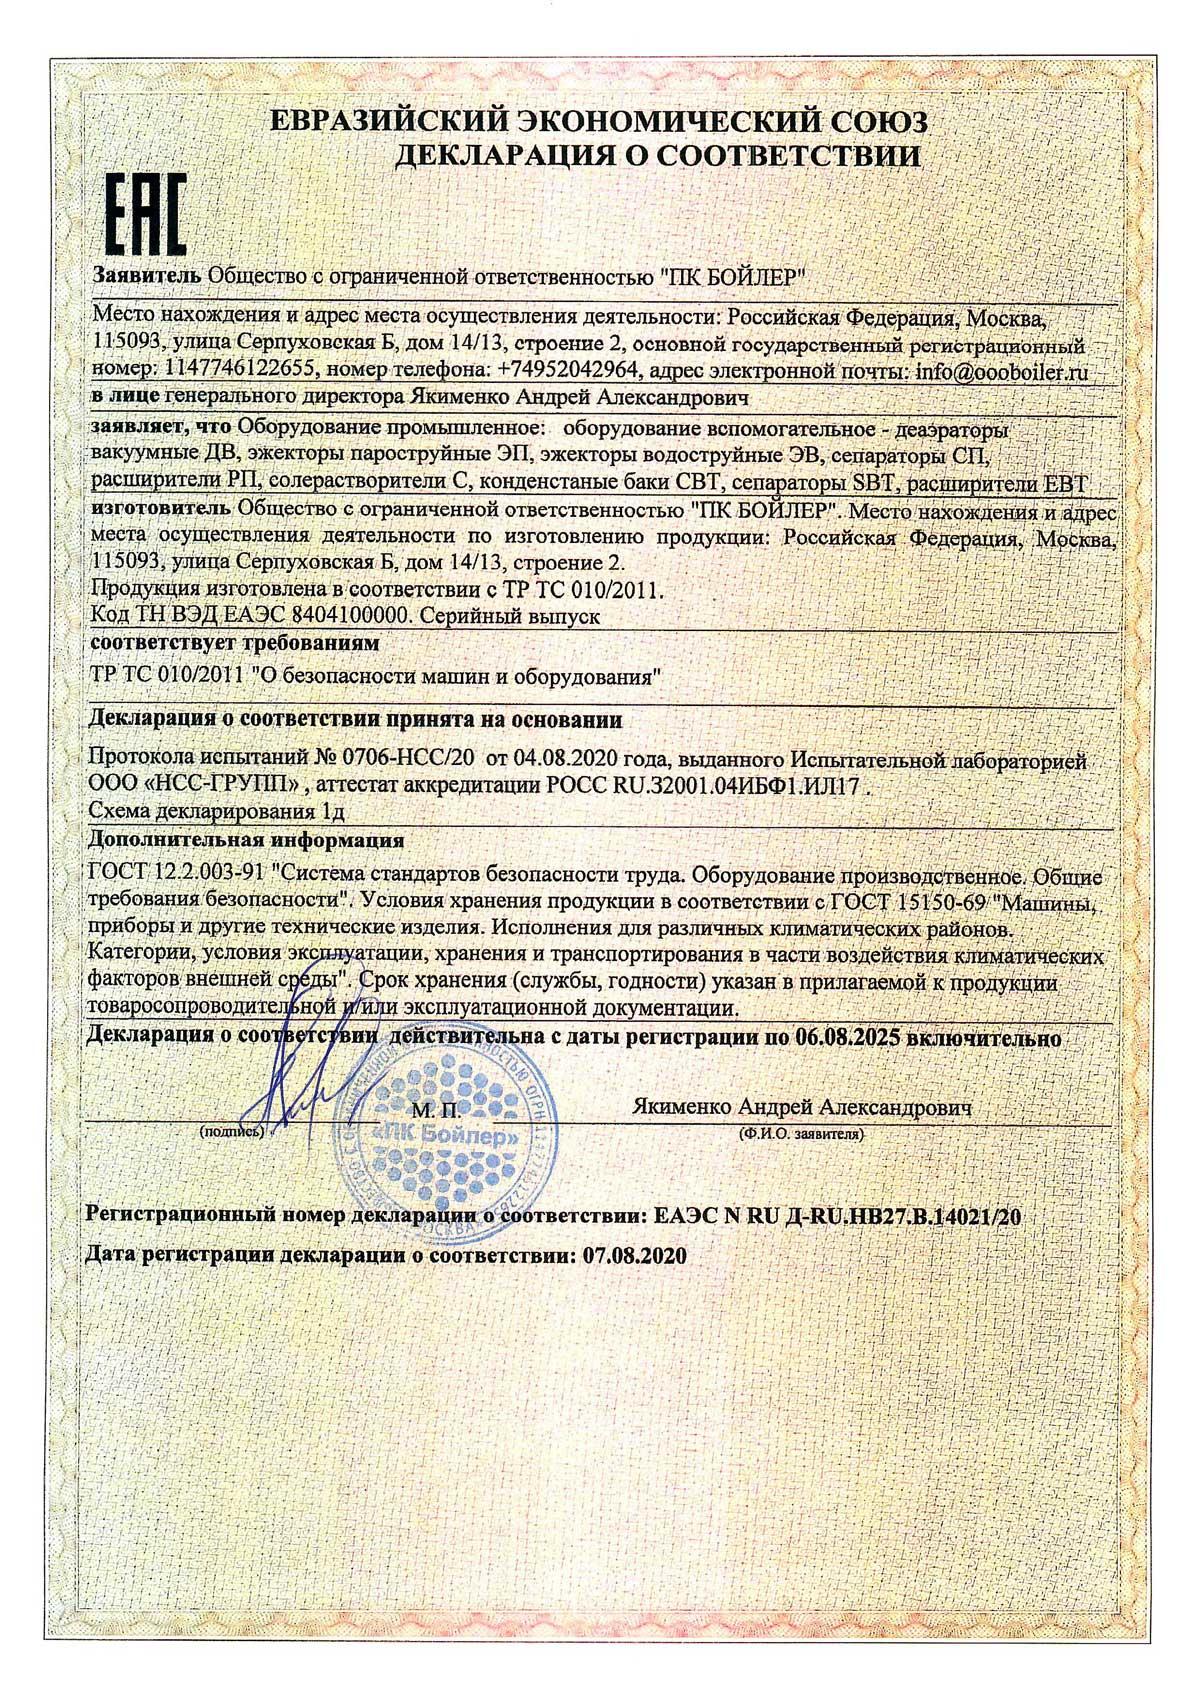 Декларация о соответствии ТР ТС 010/2011 на вспомогательное водоподготовительное оборудование